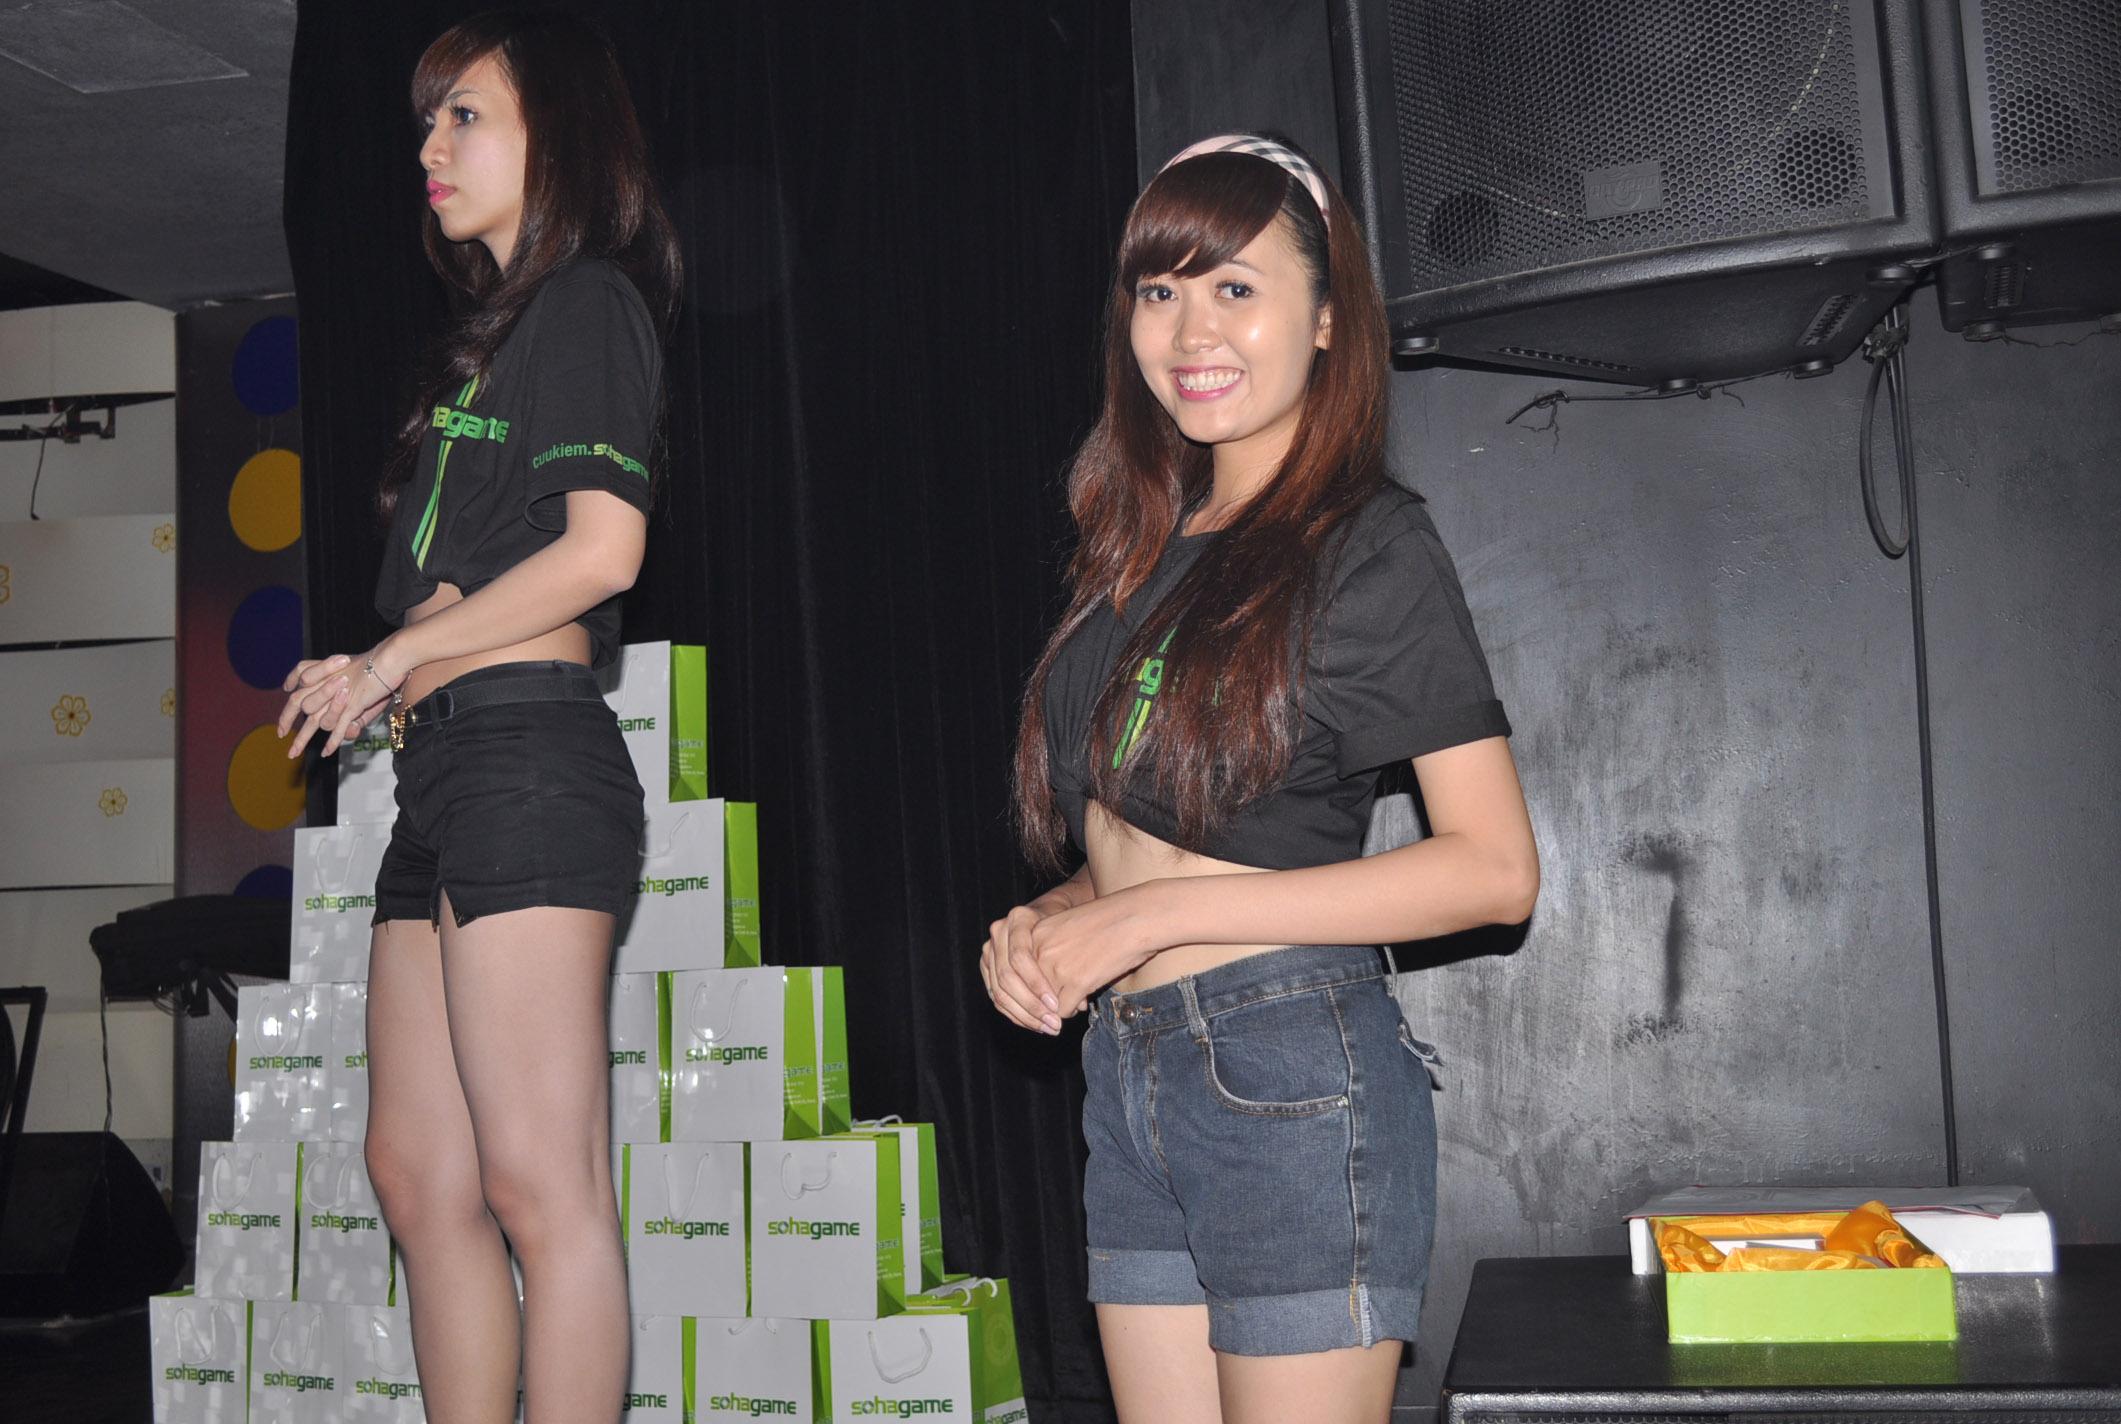 Những cô nàng xinh đẹp tại offline Độc Cô Cửu Kiếm - Ảnh 3